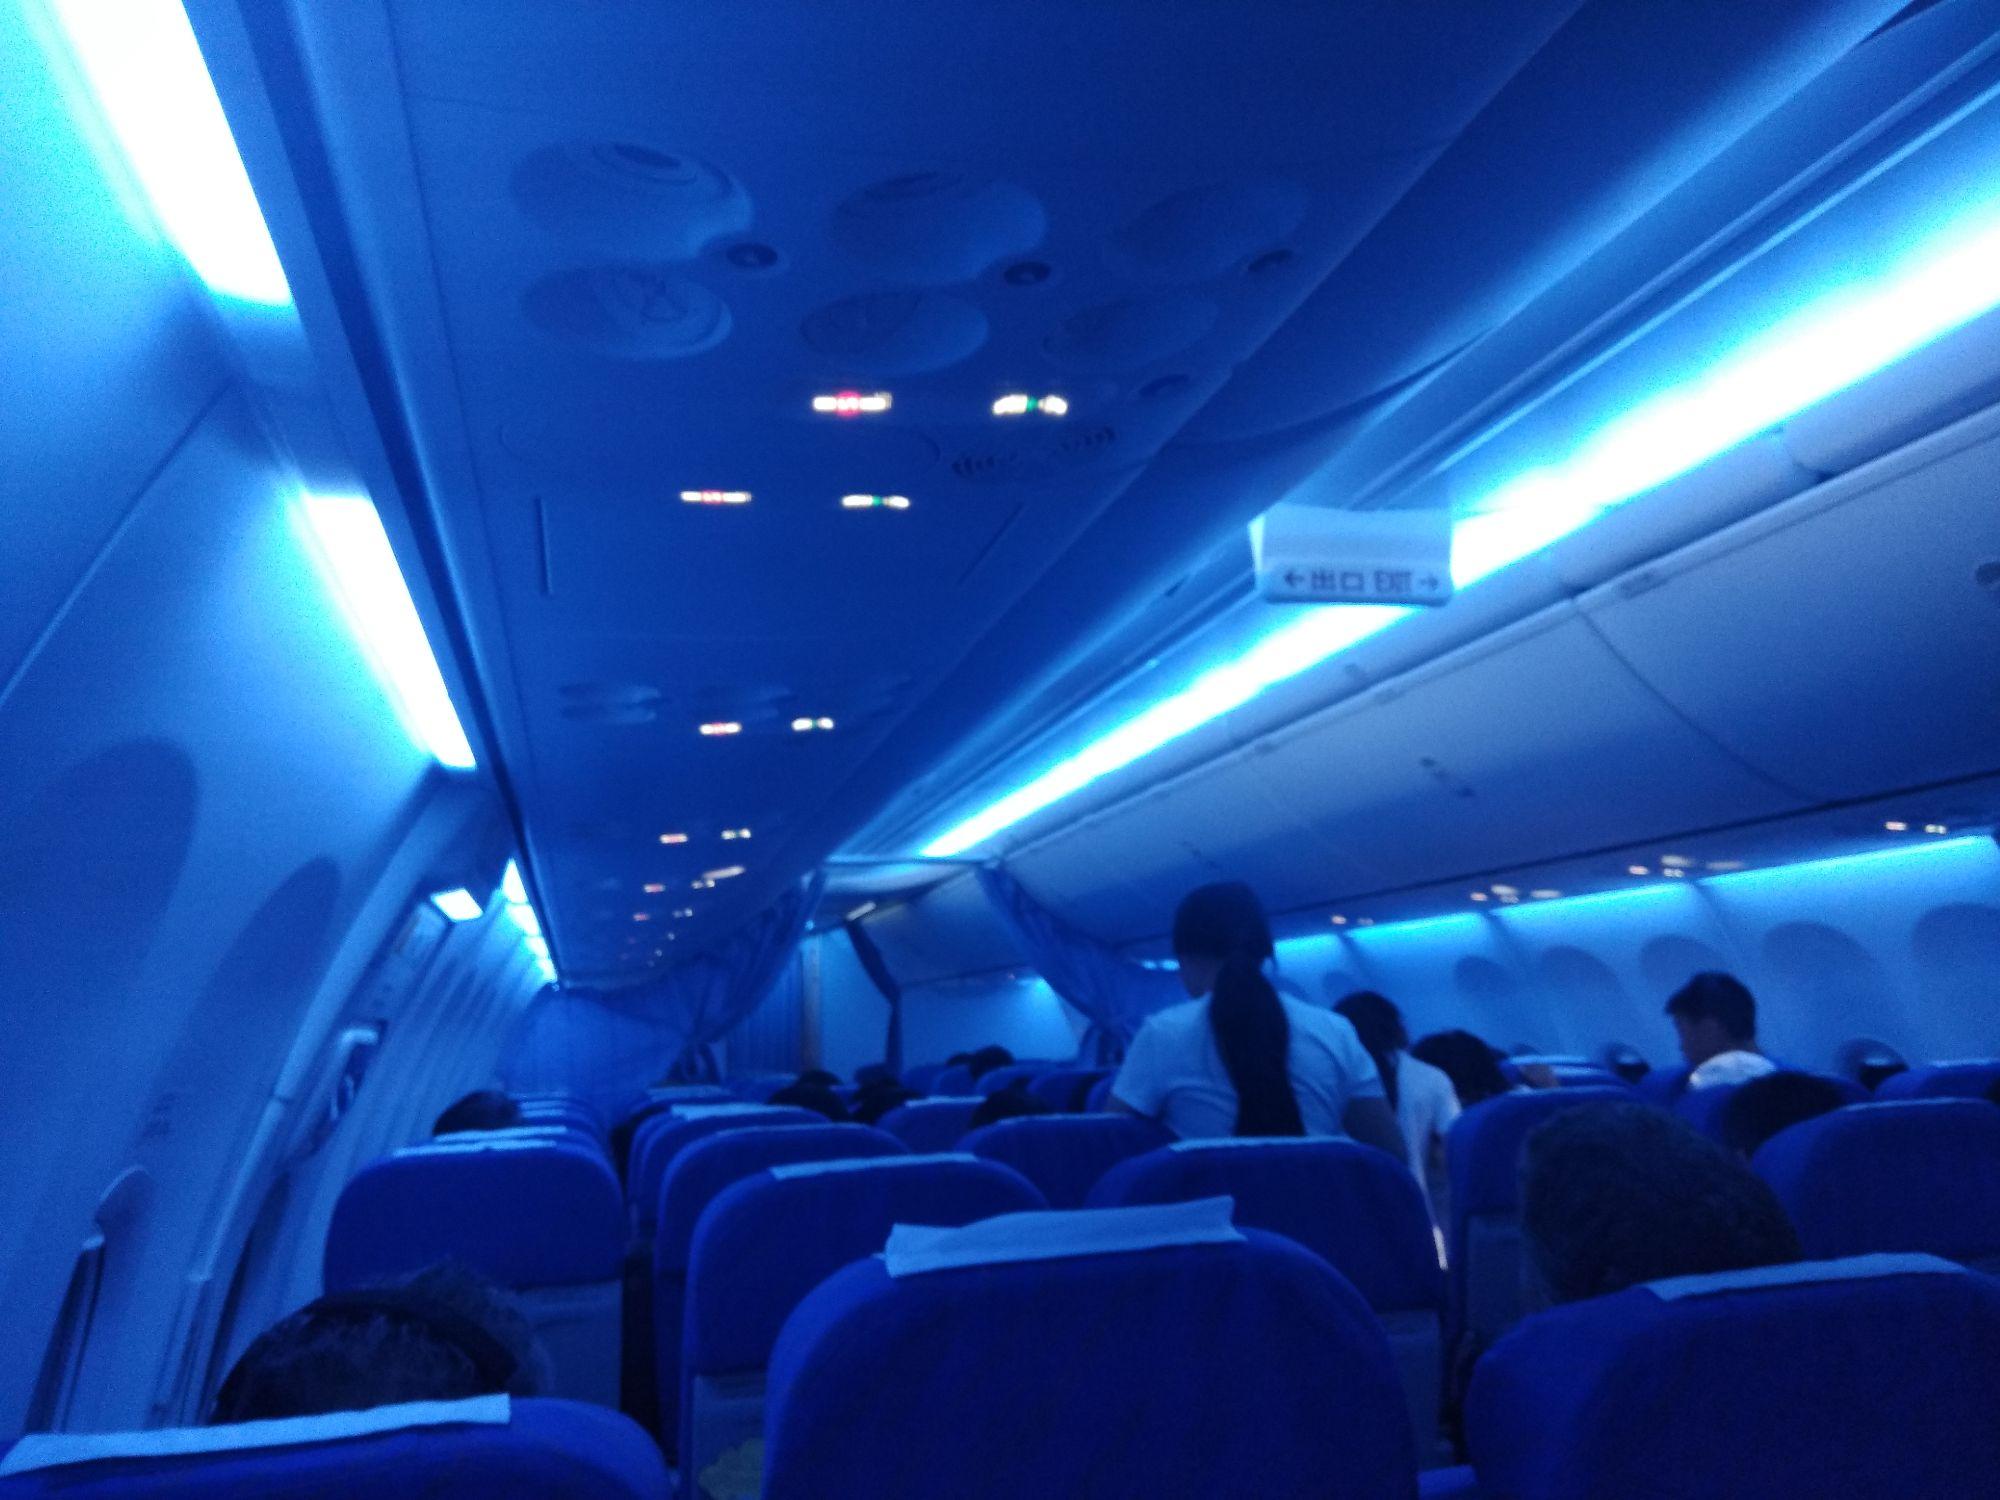 cz3040航班软硬设施,cz3040航班点评,cz3040航班好评